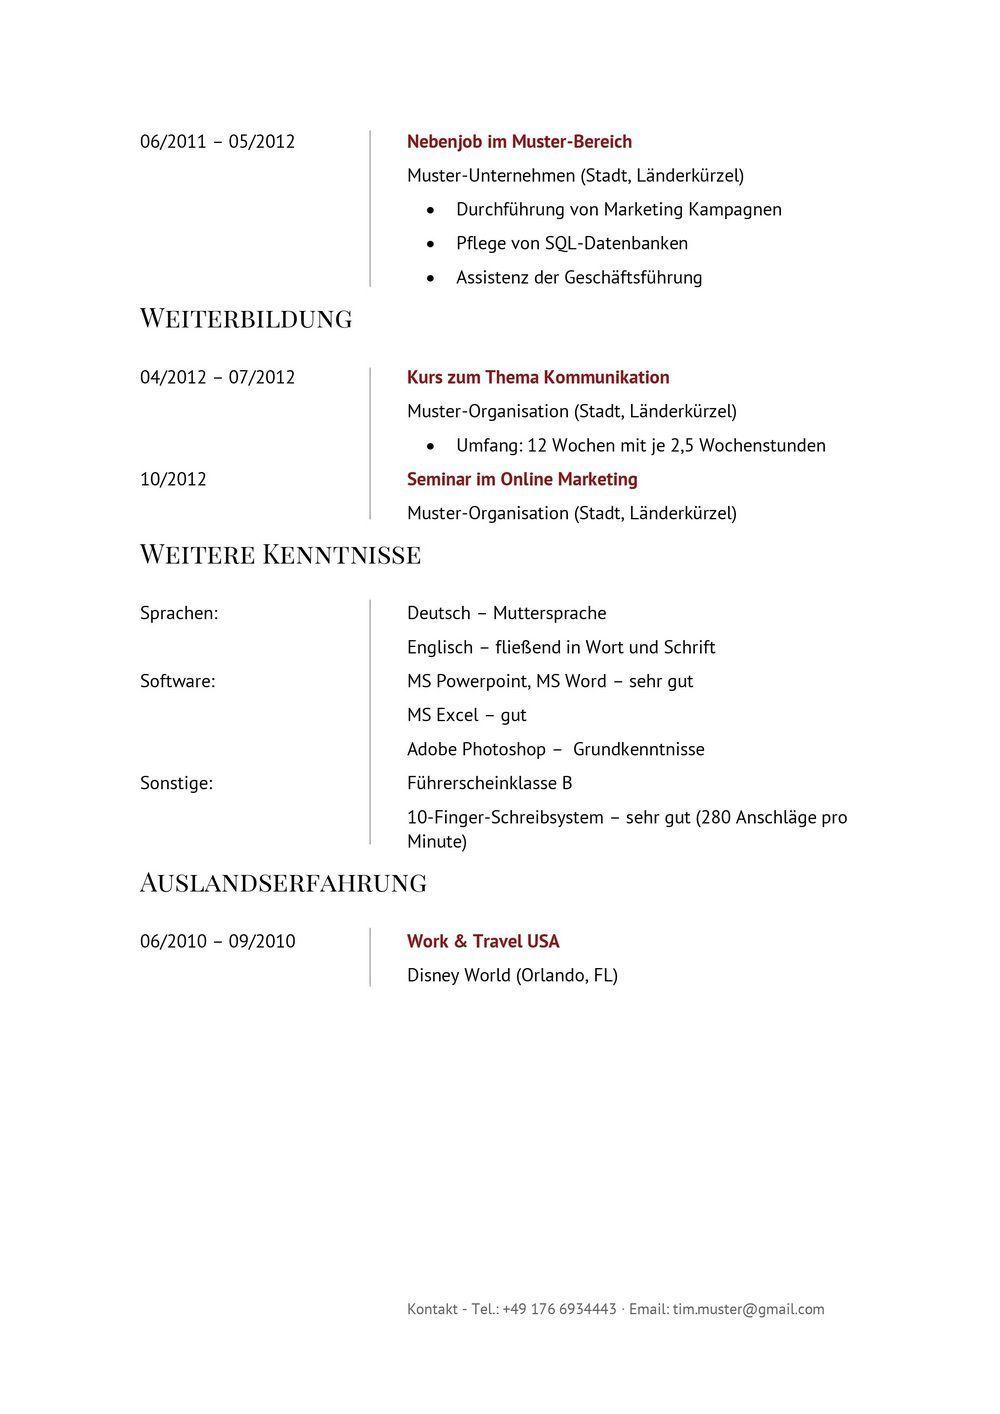 Lebenslauf Muster Vorlage Manager 2 | Bewerbung | Pinterest